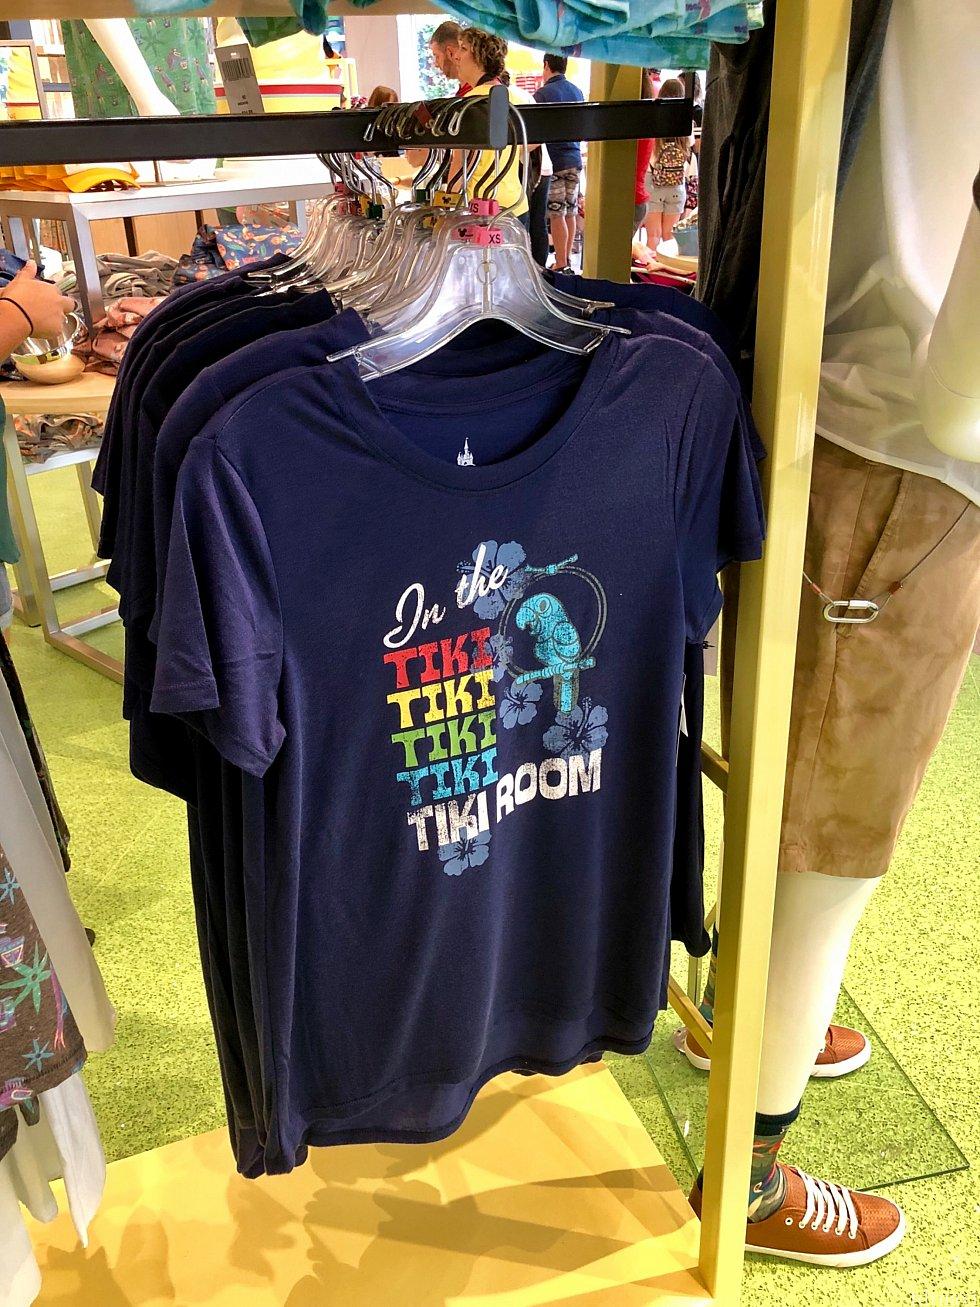 このTシャツを見てしまうと、もう例の曲が頭から離れなくなります。(笑) お値段は$32.99